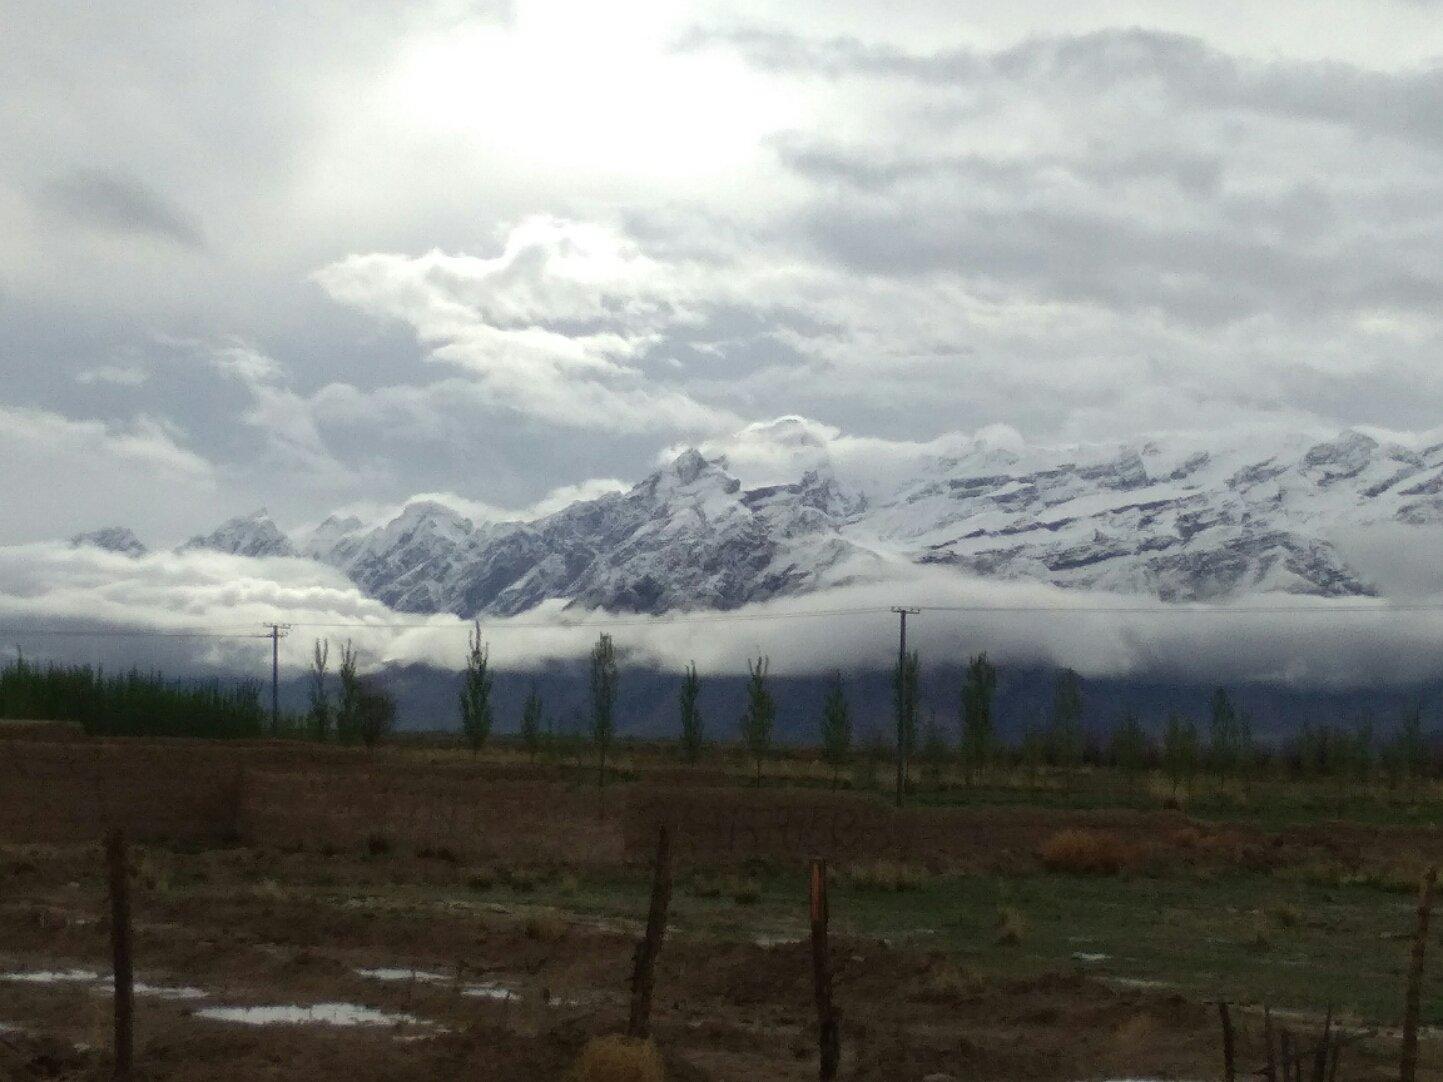 新疆维吾尔自治区克孜勒苏柯尔克孜自治州阿合奇县萨库段靠近阿热里萨依天气预报